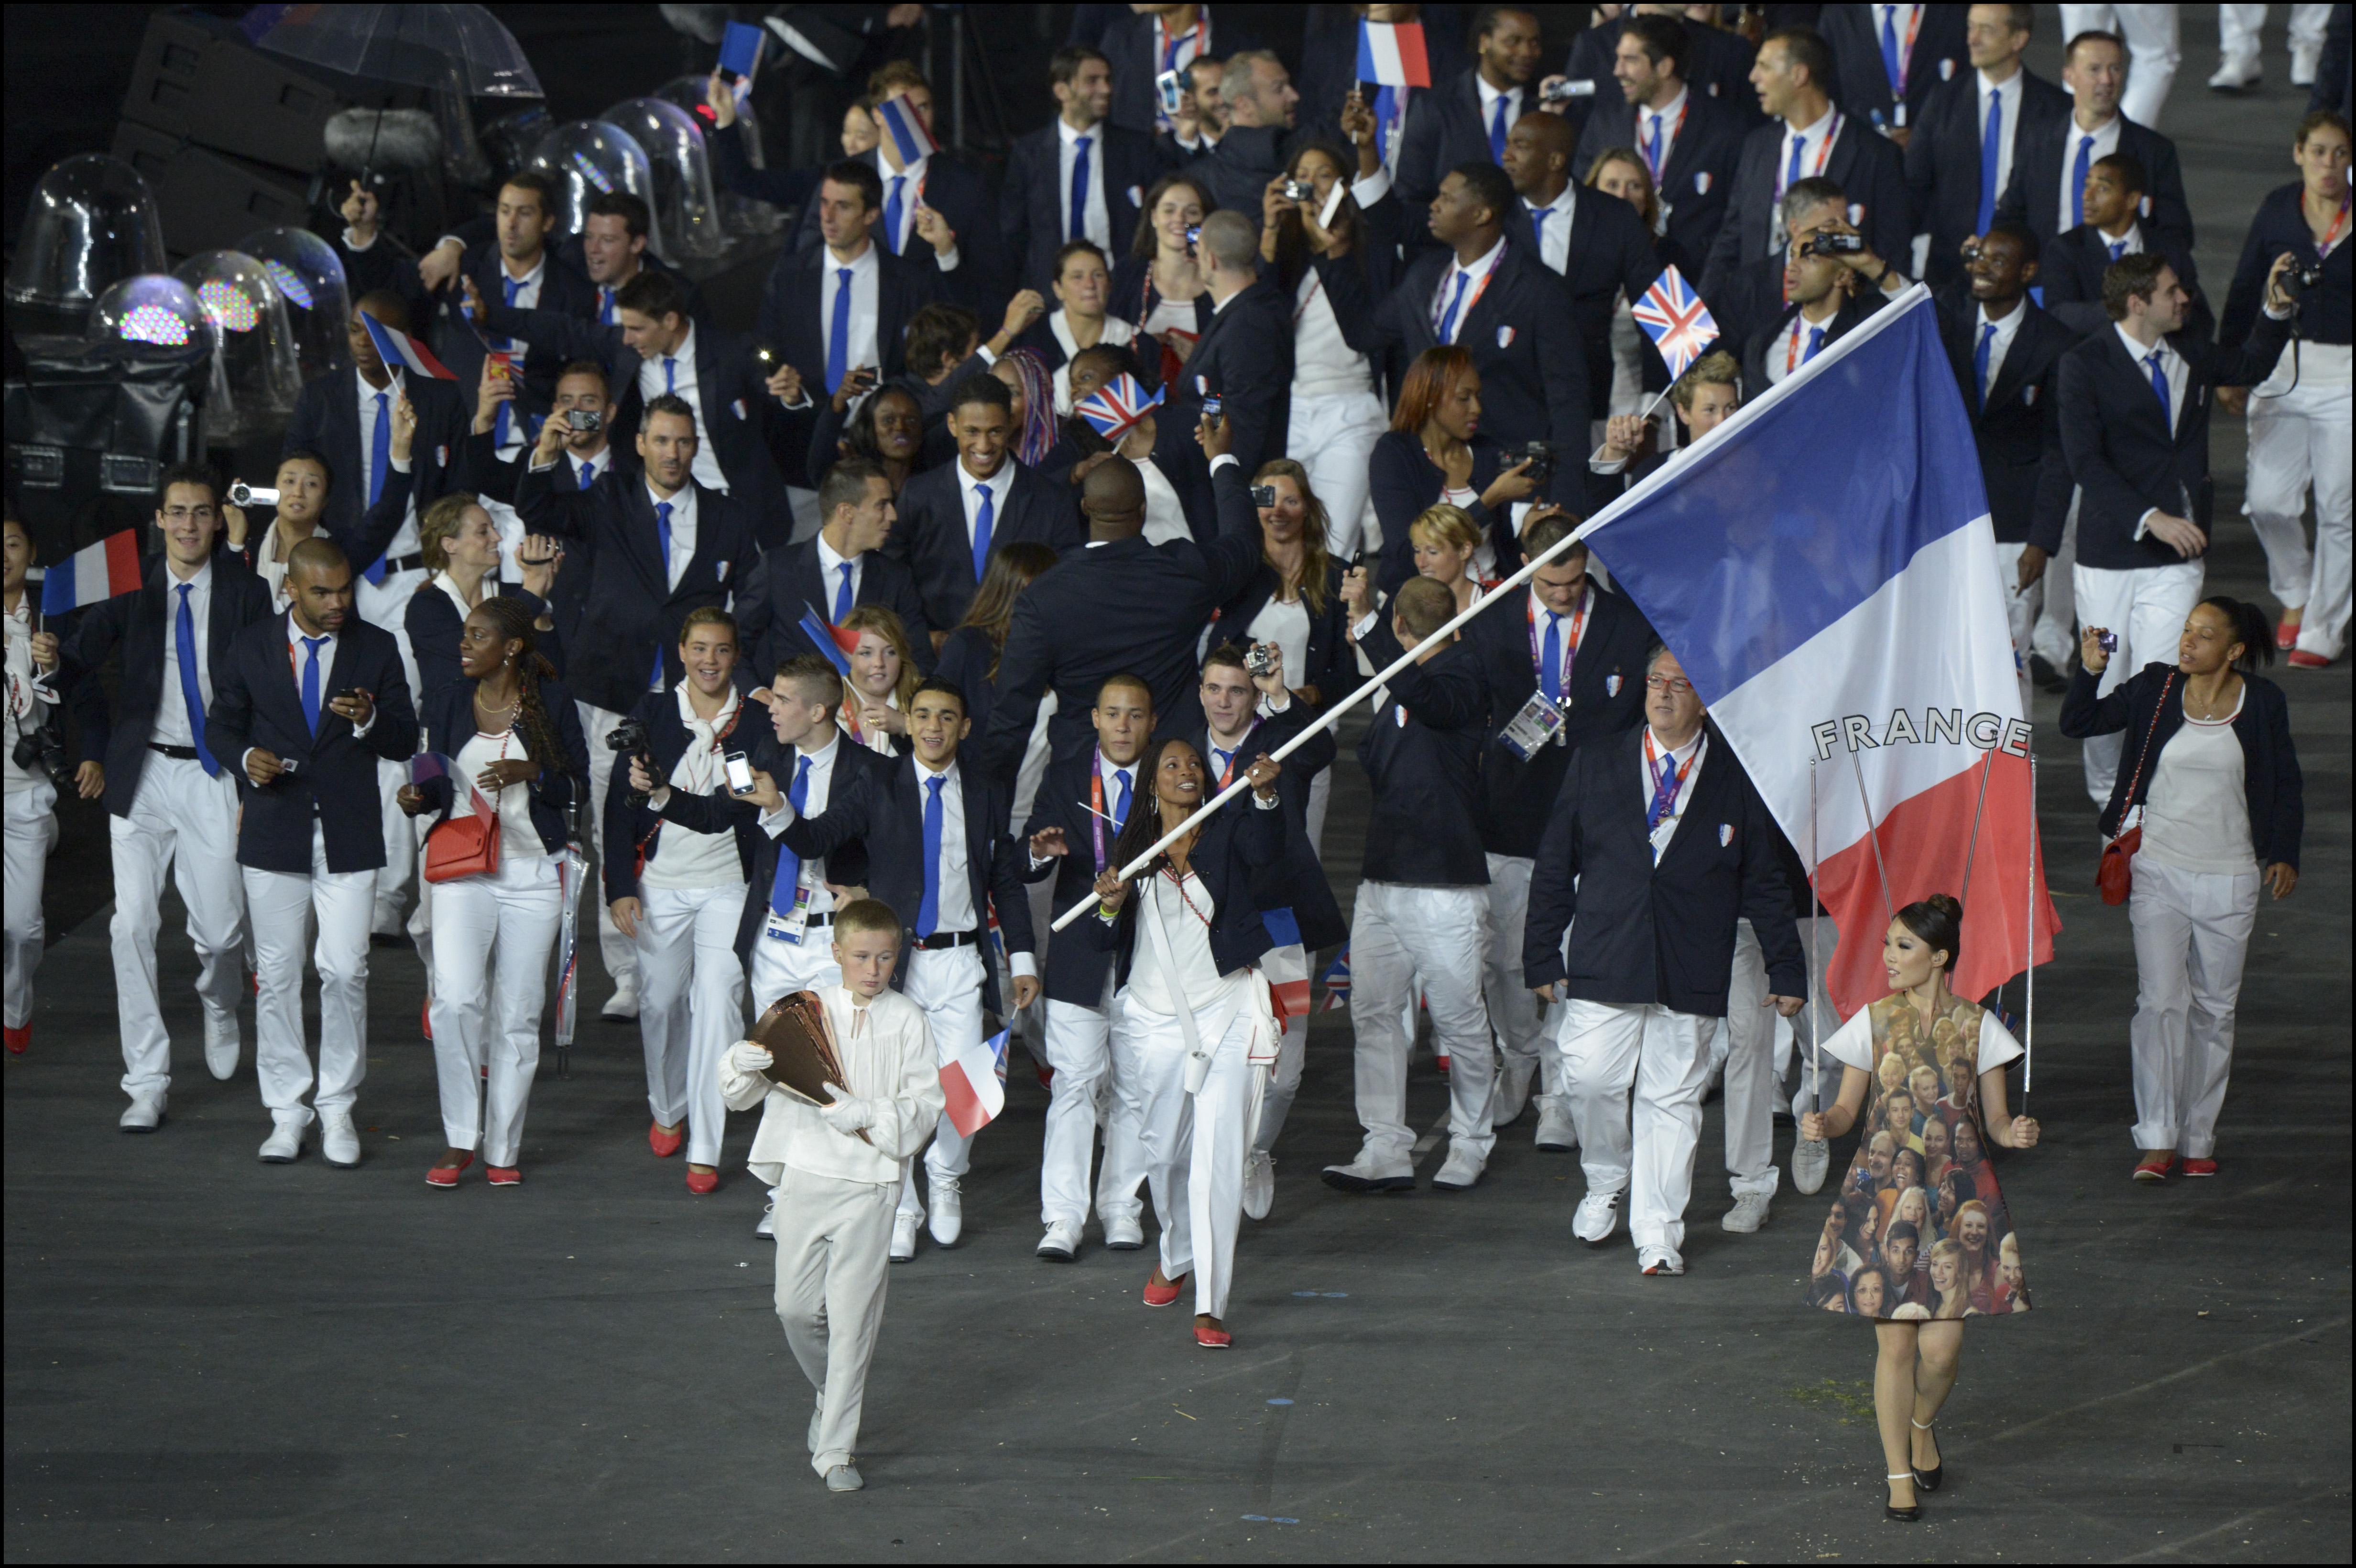 le porte drapeau fran 231 ais d 233 sign 233 par les athl 232 tes fin juillet 2016 jeux olympiques